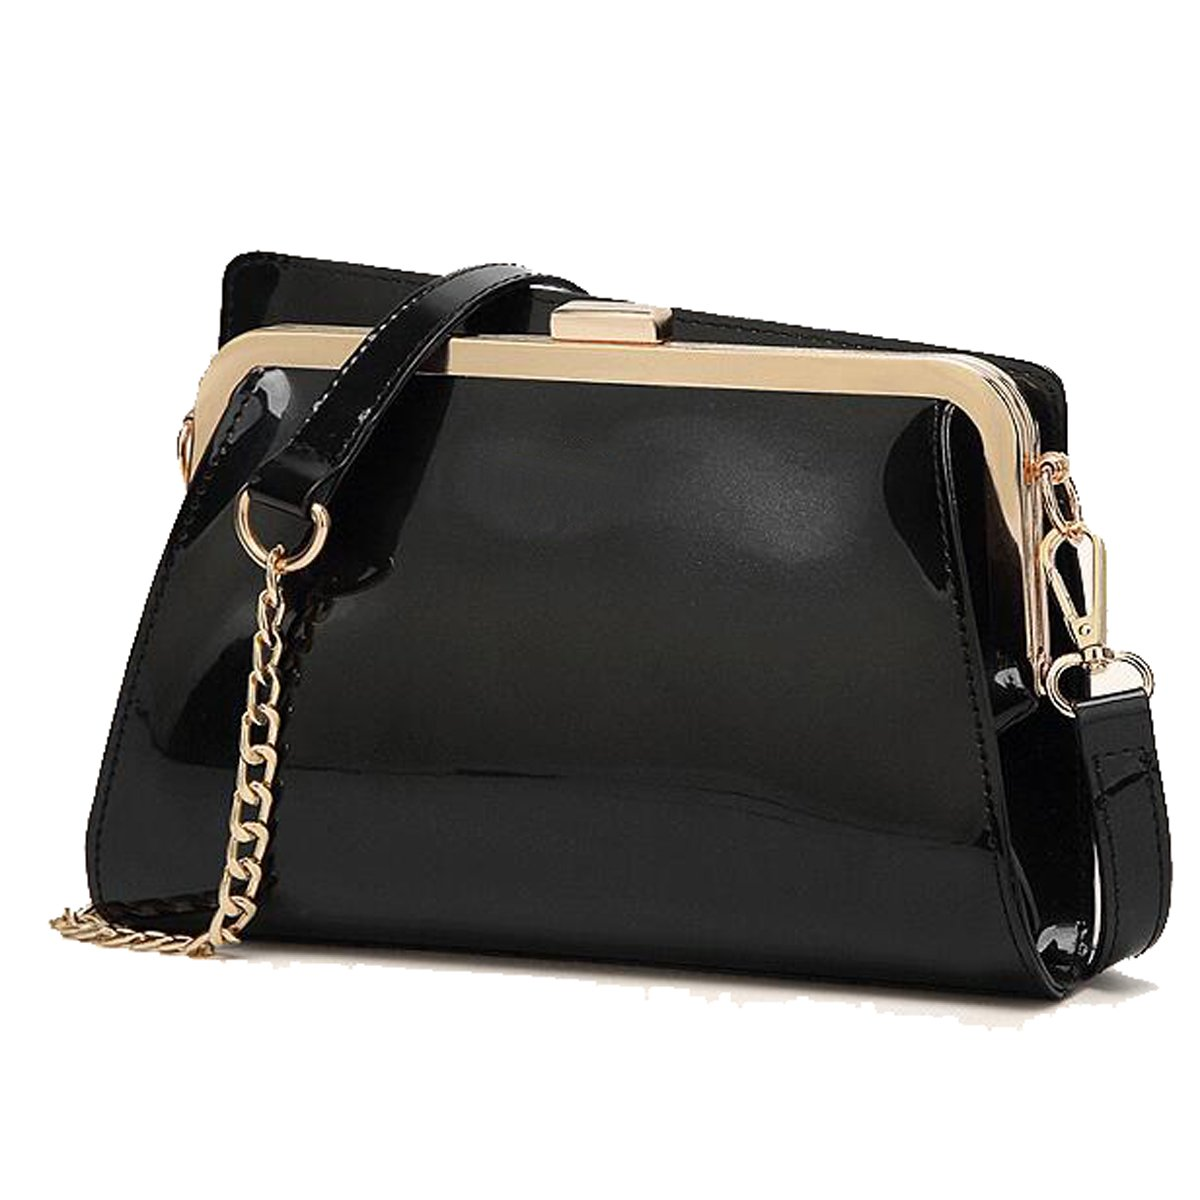 Discount supermarket Sacs /à main de mode en cuir verni brillant sacs /à main cha/îne petit sac bandouli/ère Messenger bag